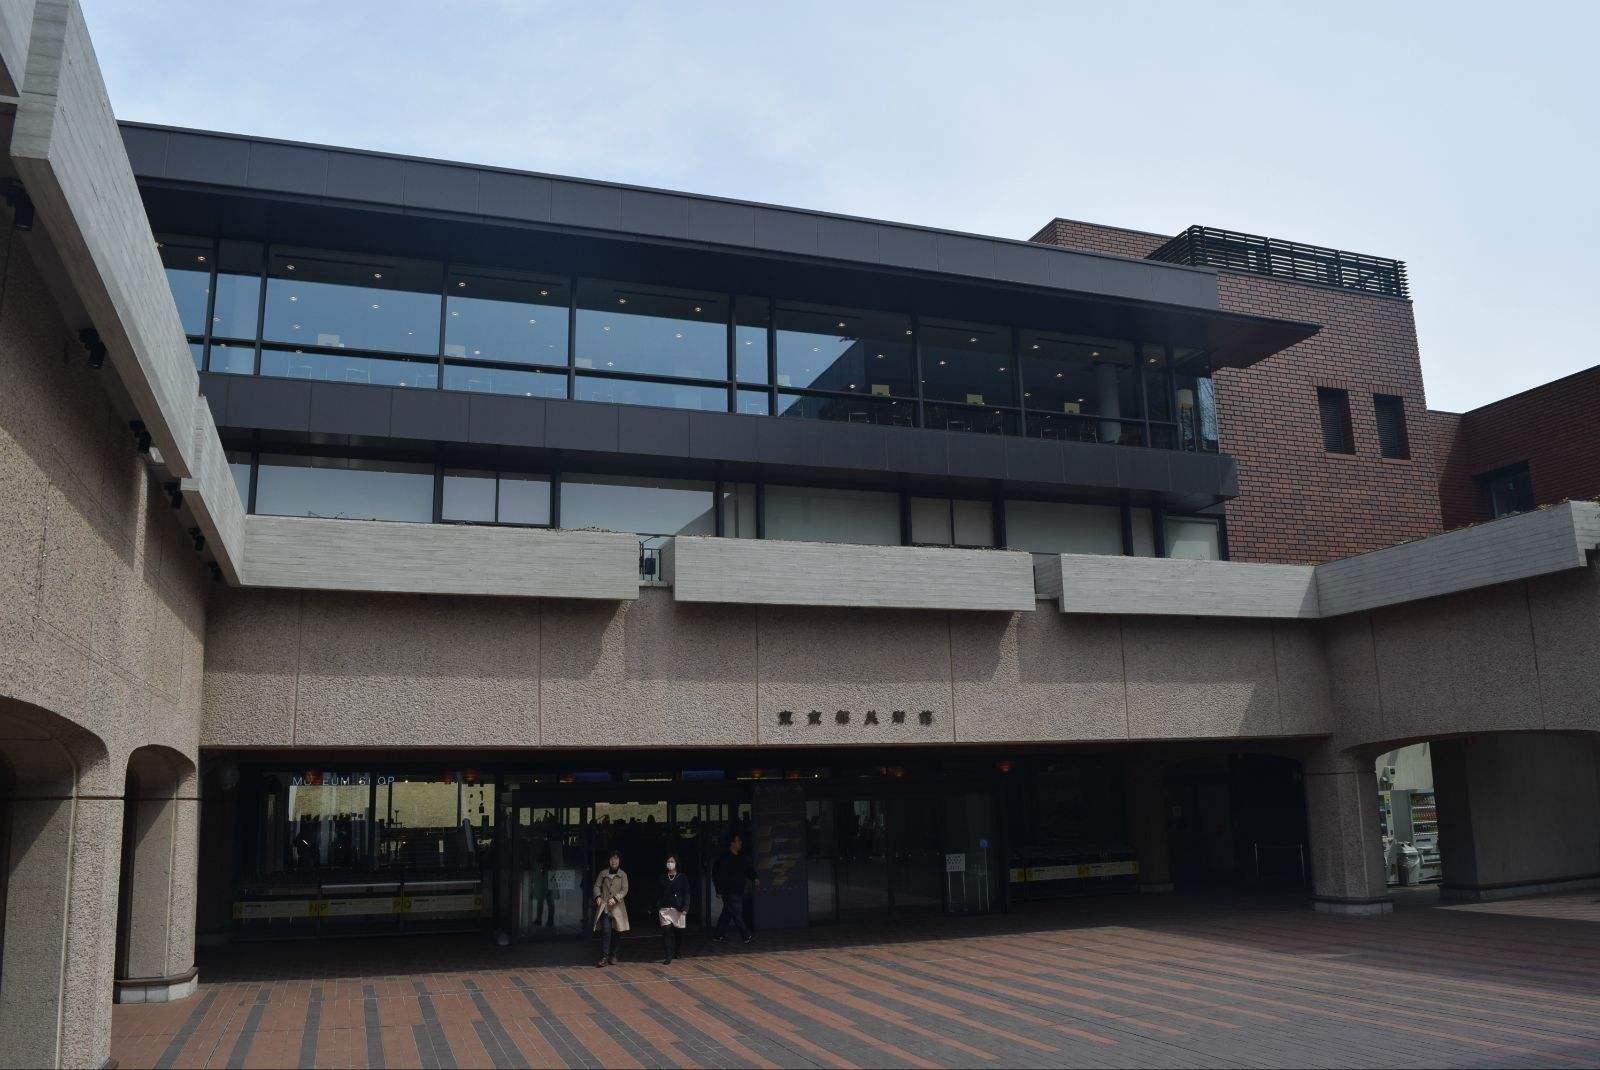 东京都美术馆2018年将首次展出蒙克的《呐喊》